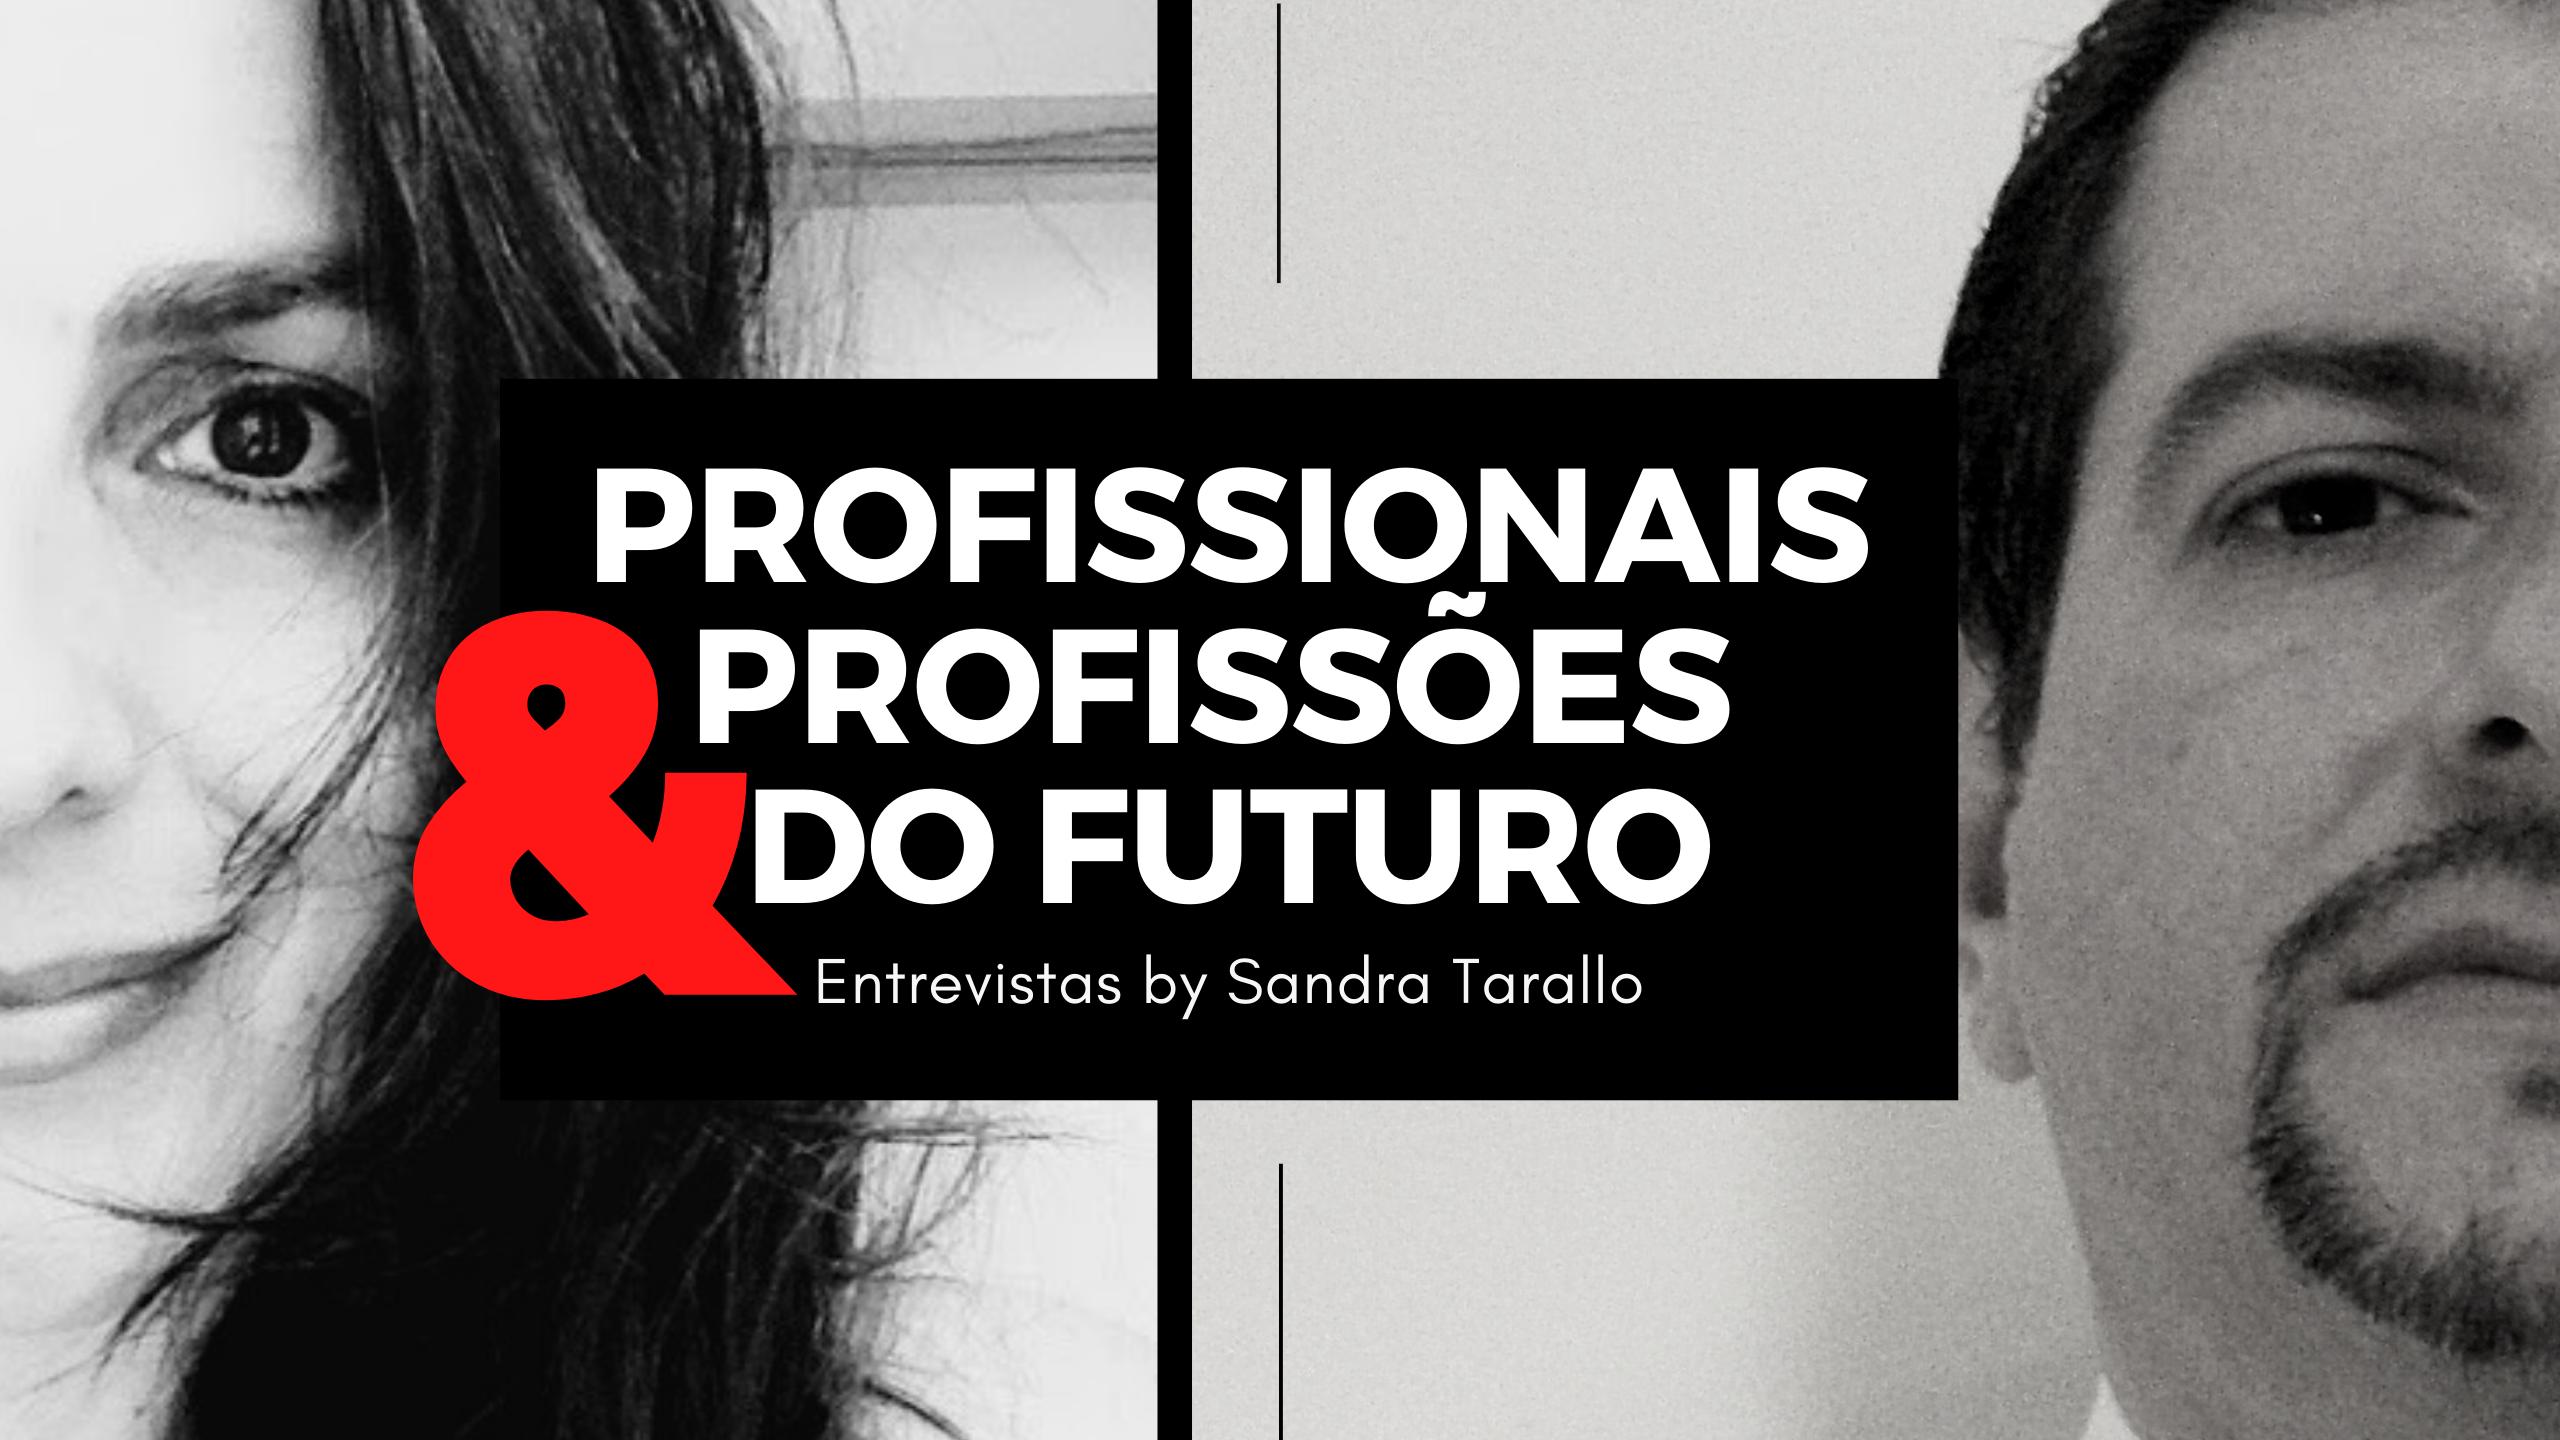 Profissionais Profissões do futuro - Profissionais e Profissões do Futuro - Profissional SAP TI